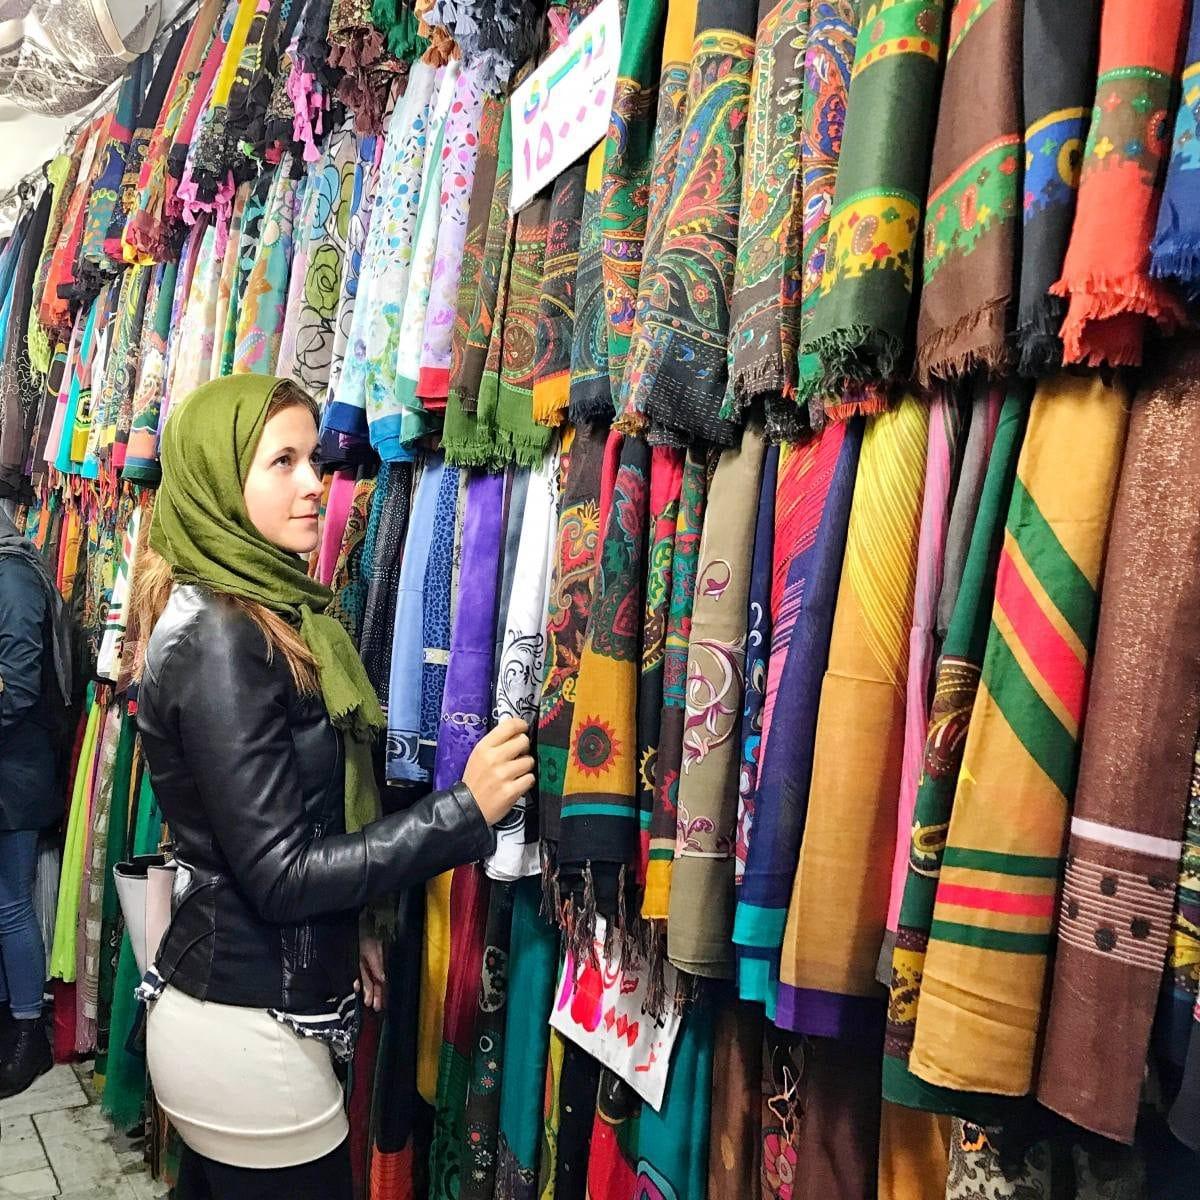 iran dress code wikipedia